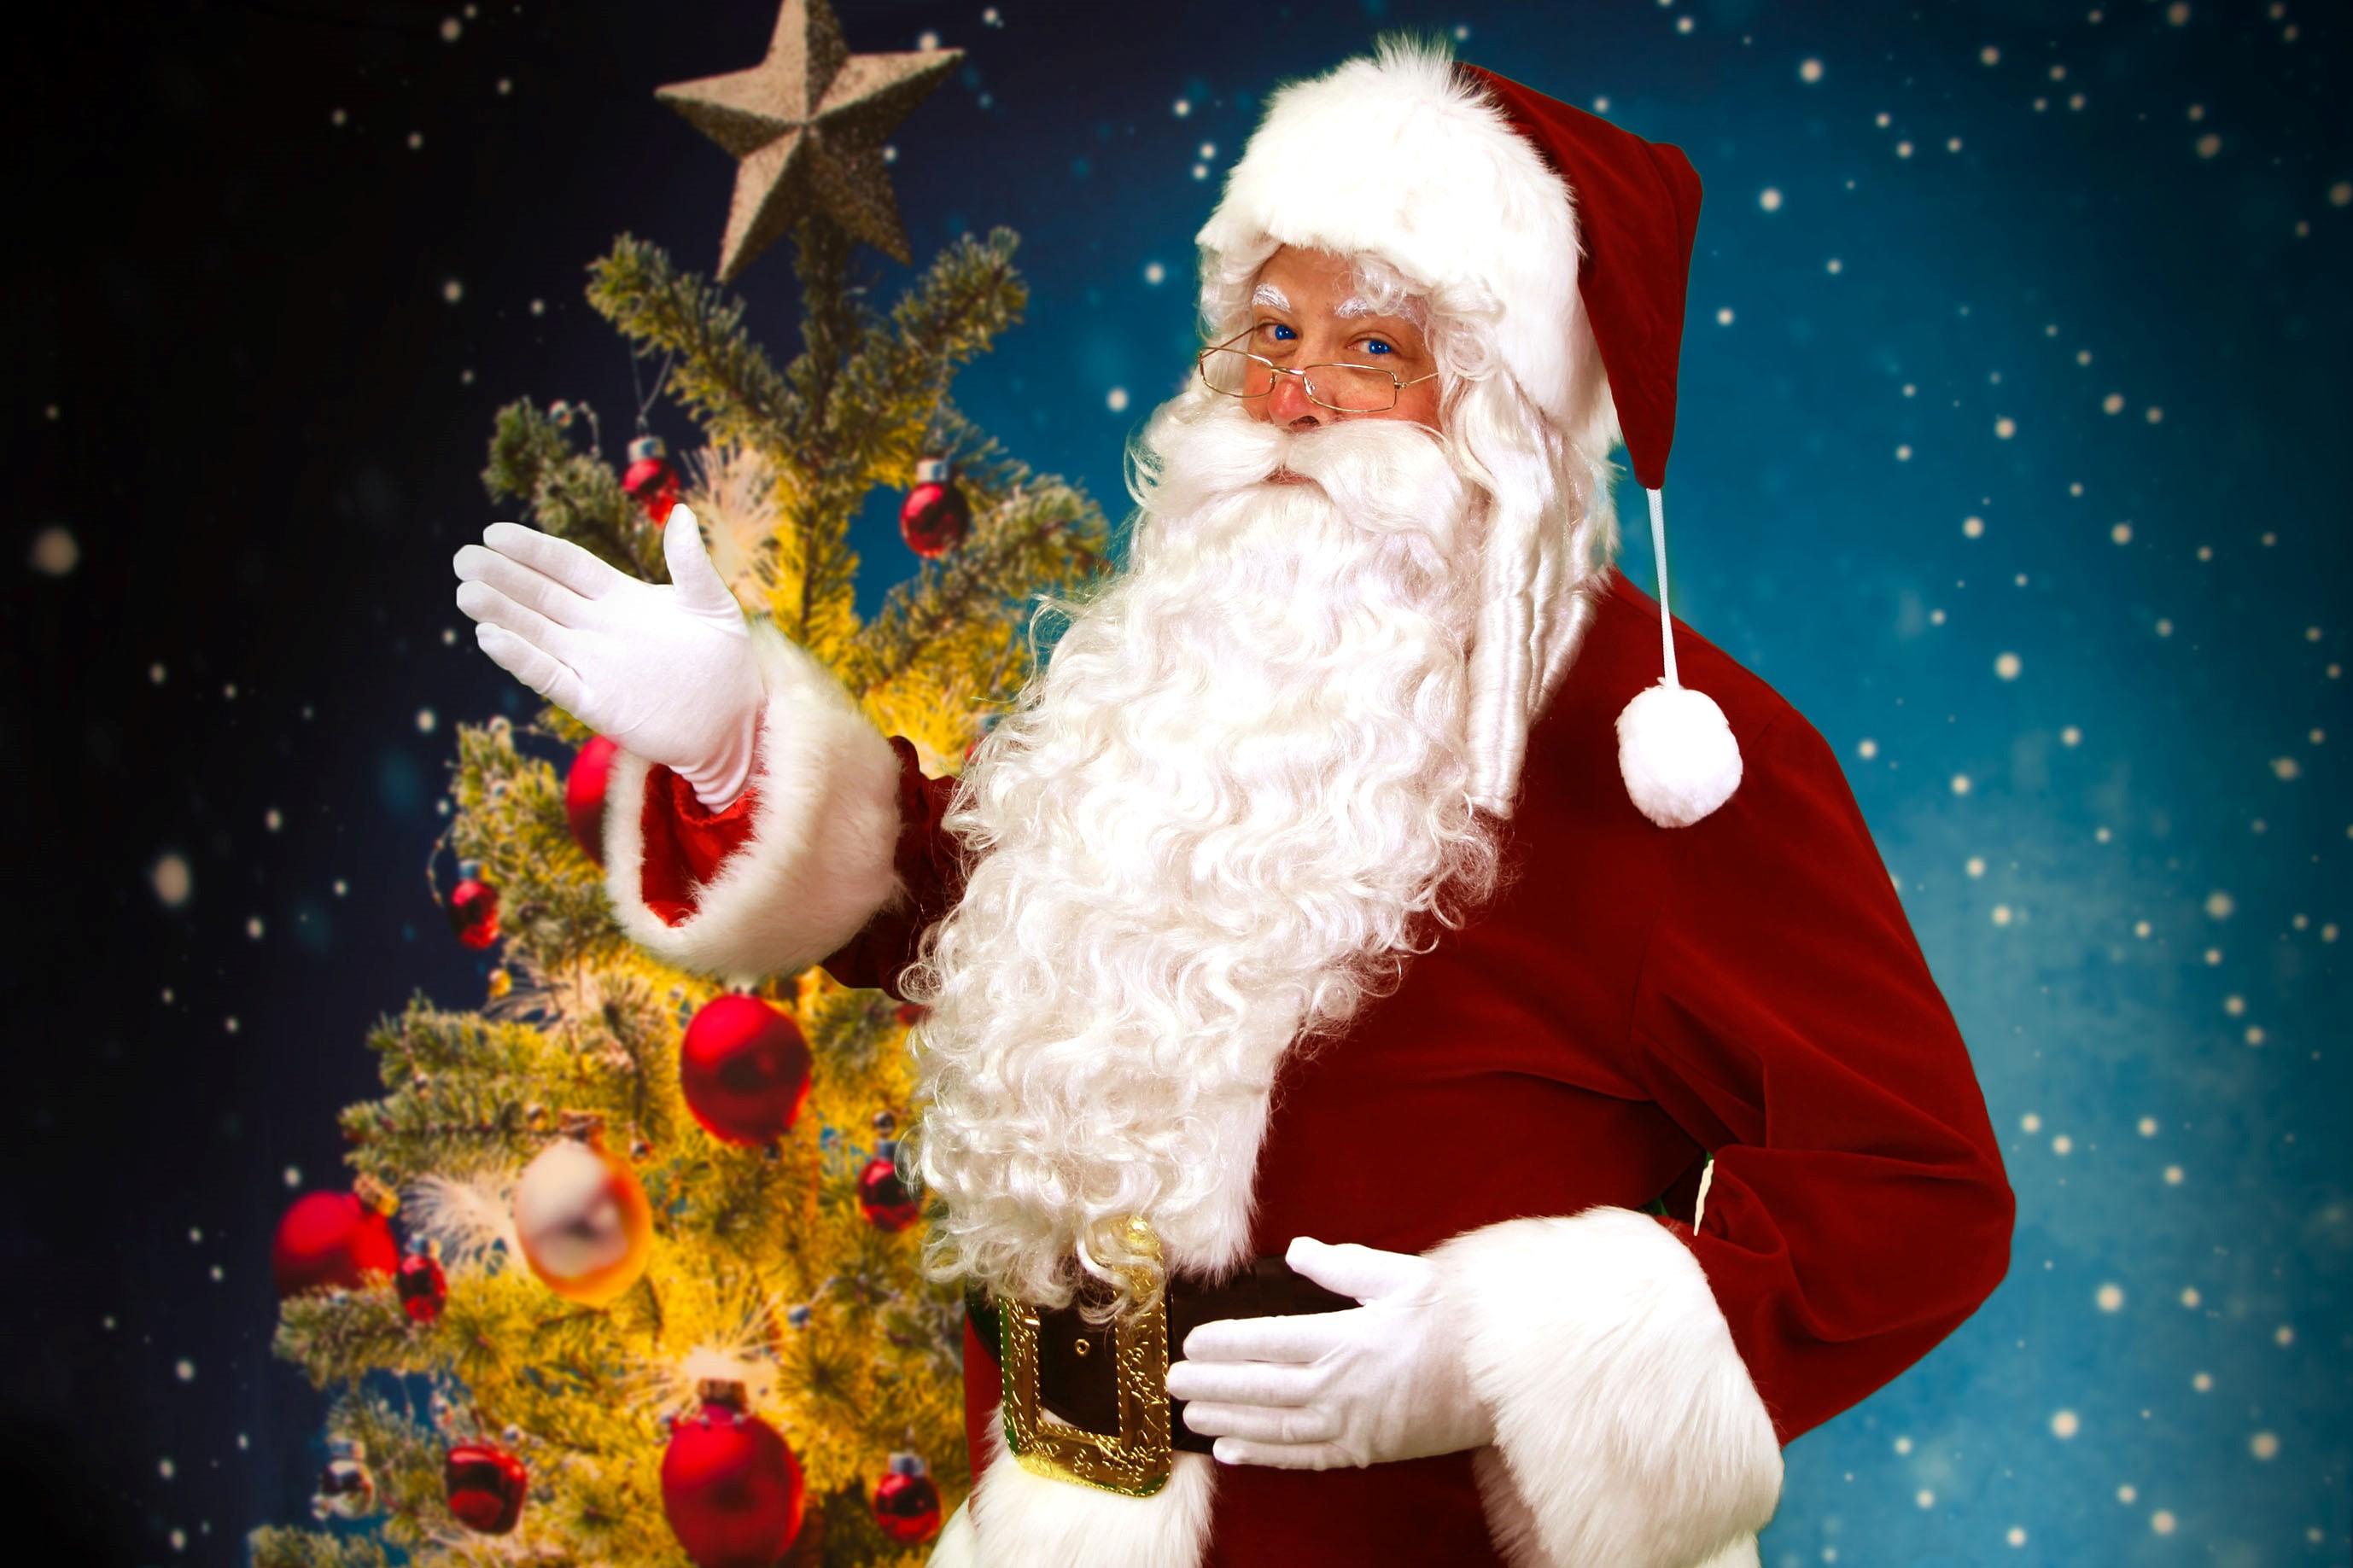 クリスマスイブの奇跡。サンタクロースがお部屋にプレゼントを届けます ...